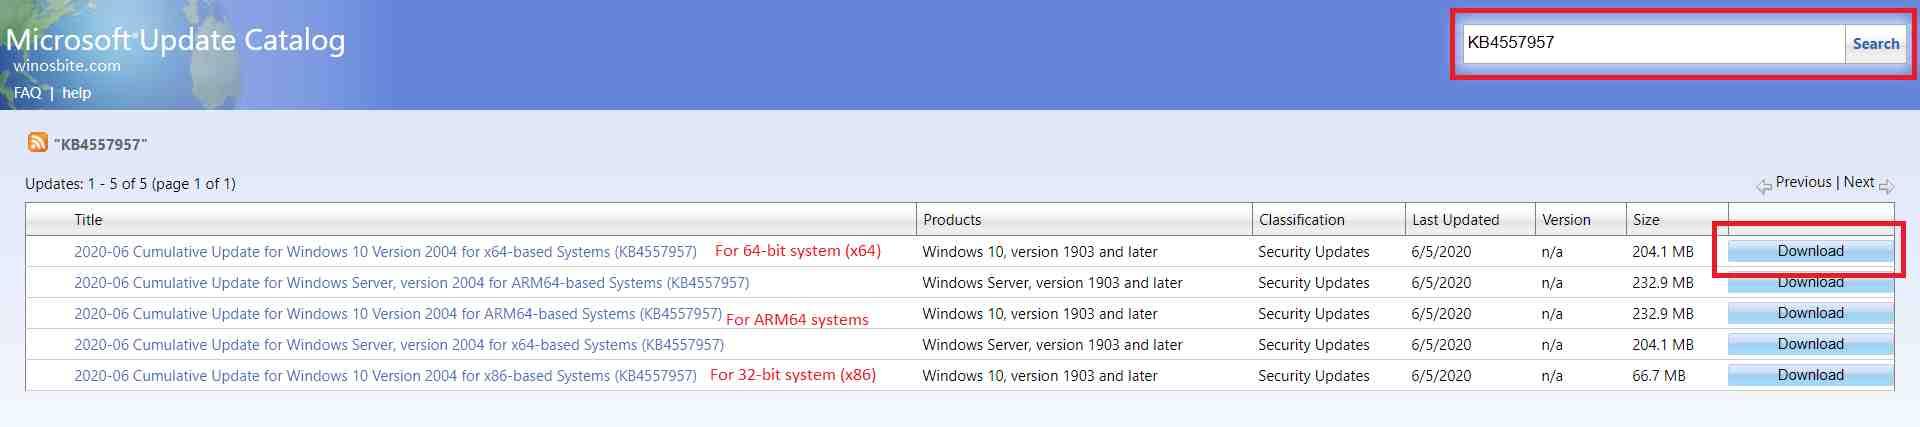 Каталог обновлений Microsoft